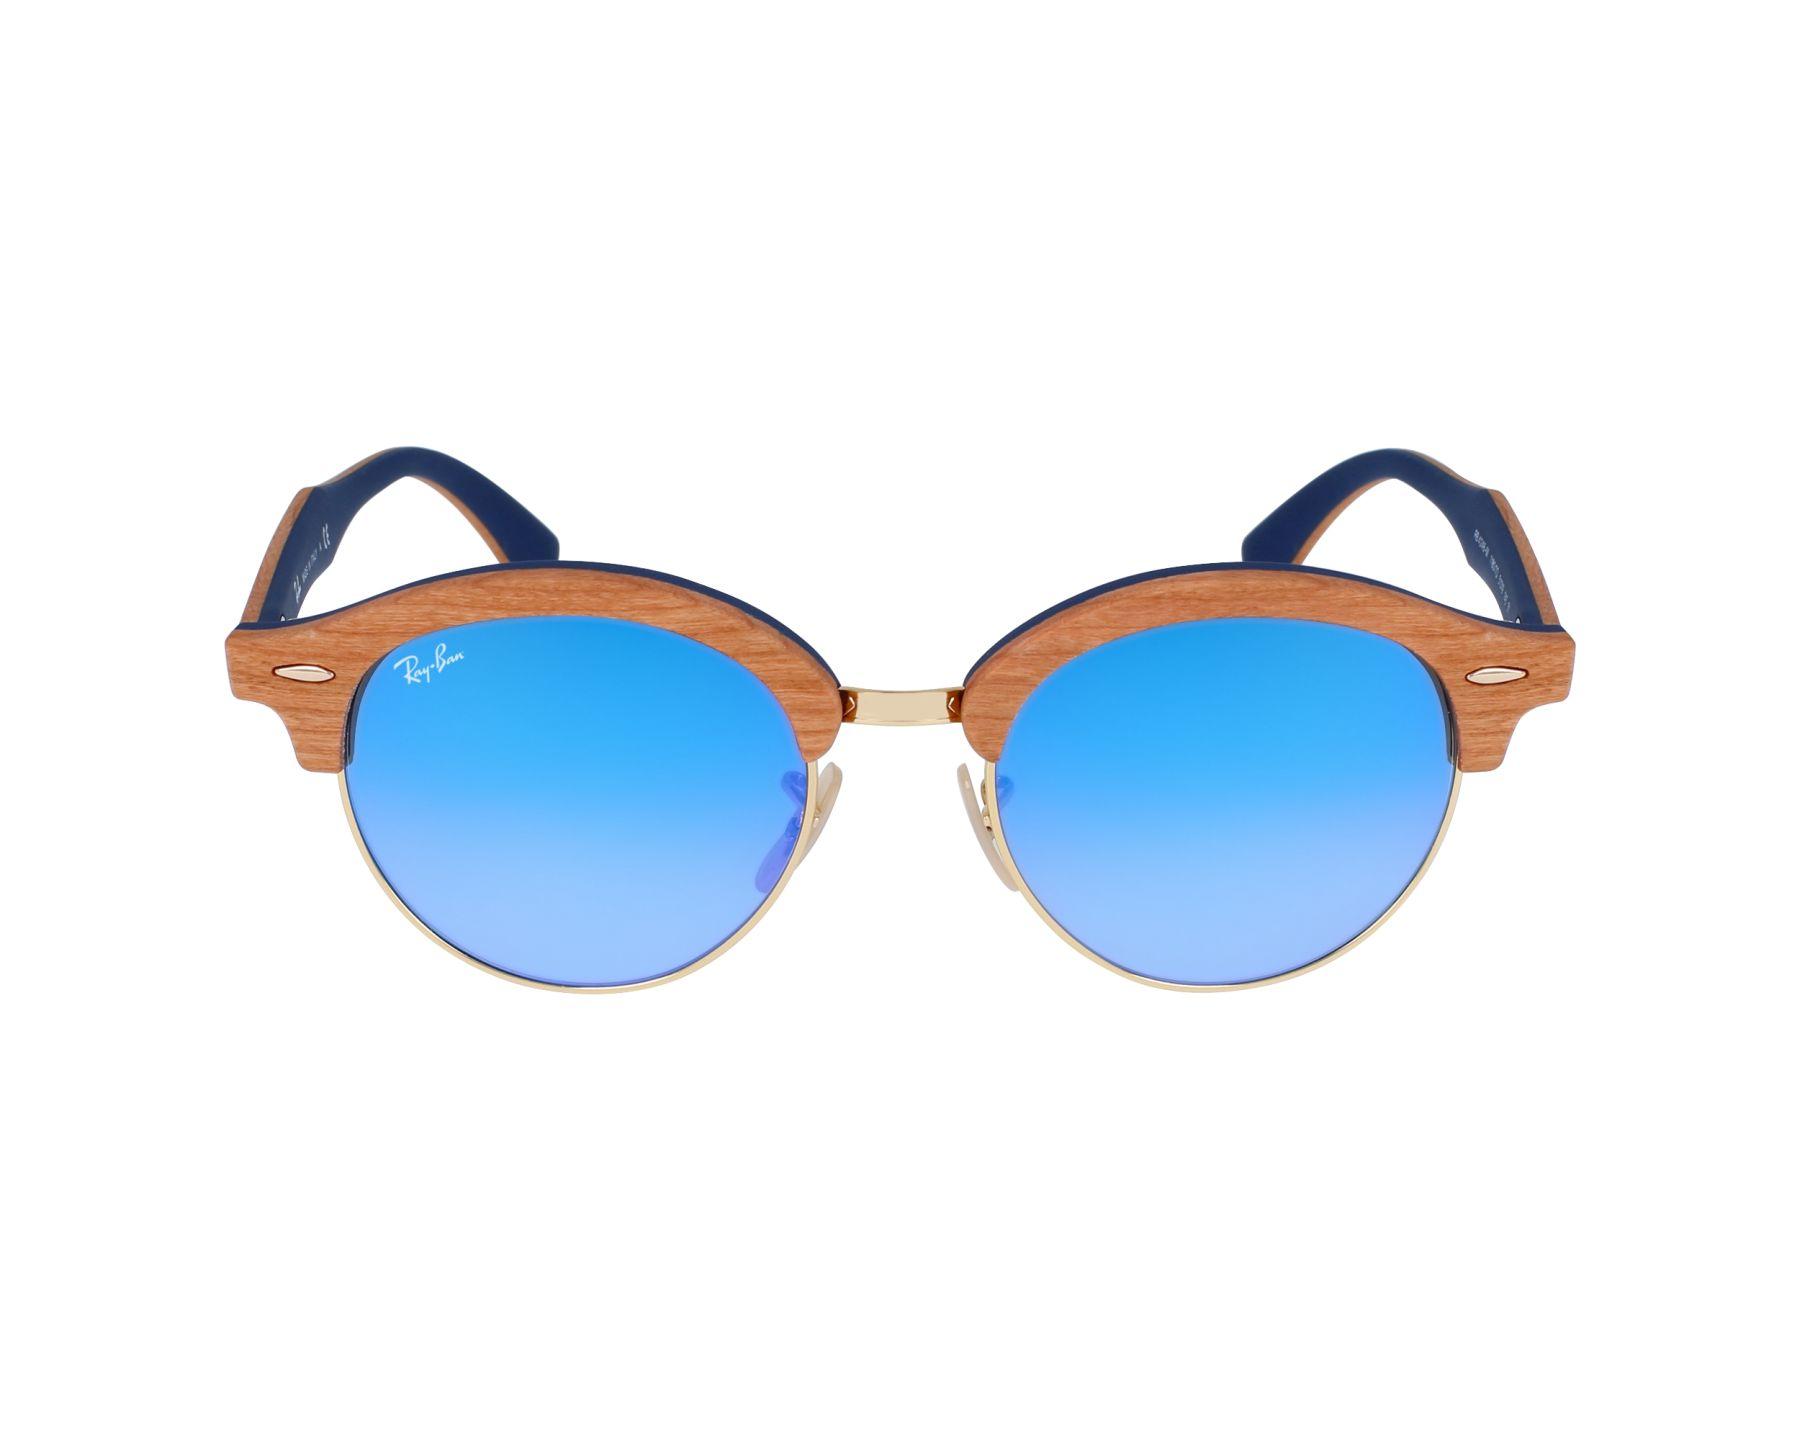 lunettes de soleil ray ban rb 4246 m 11807q marron avec des verres gris marron. Black Bedroom Furniture Sets. Home Design Ideas